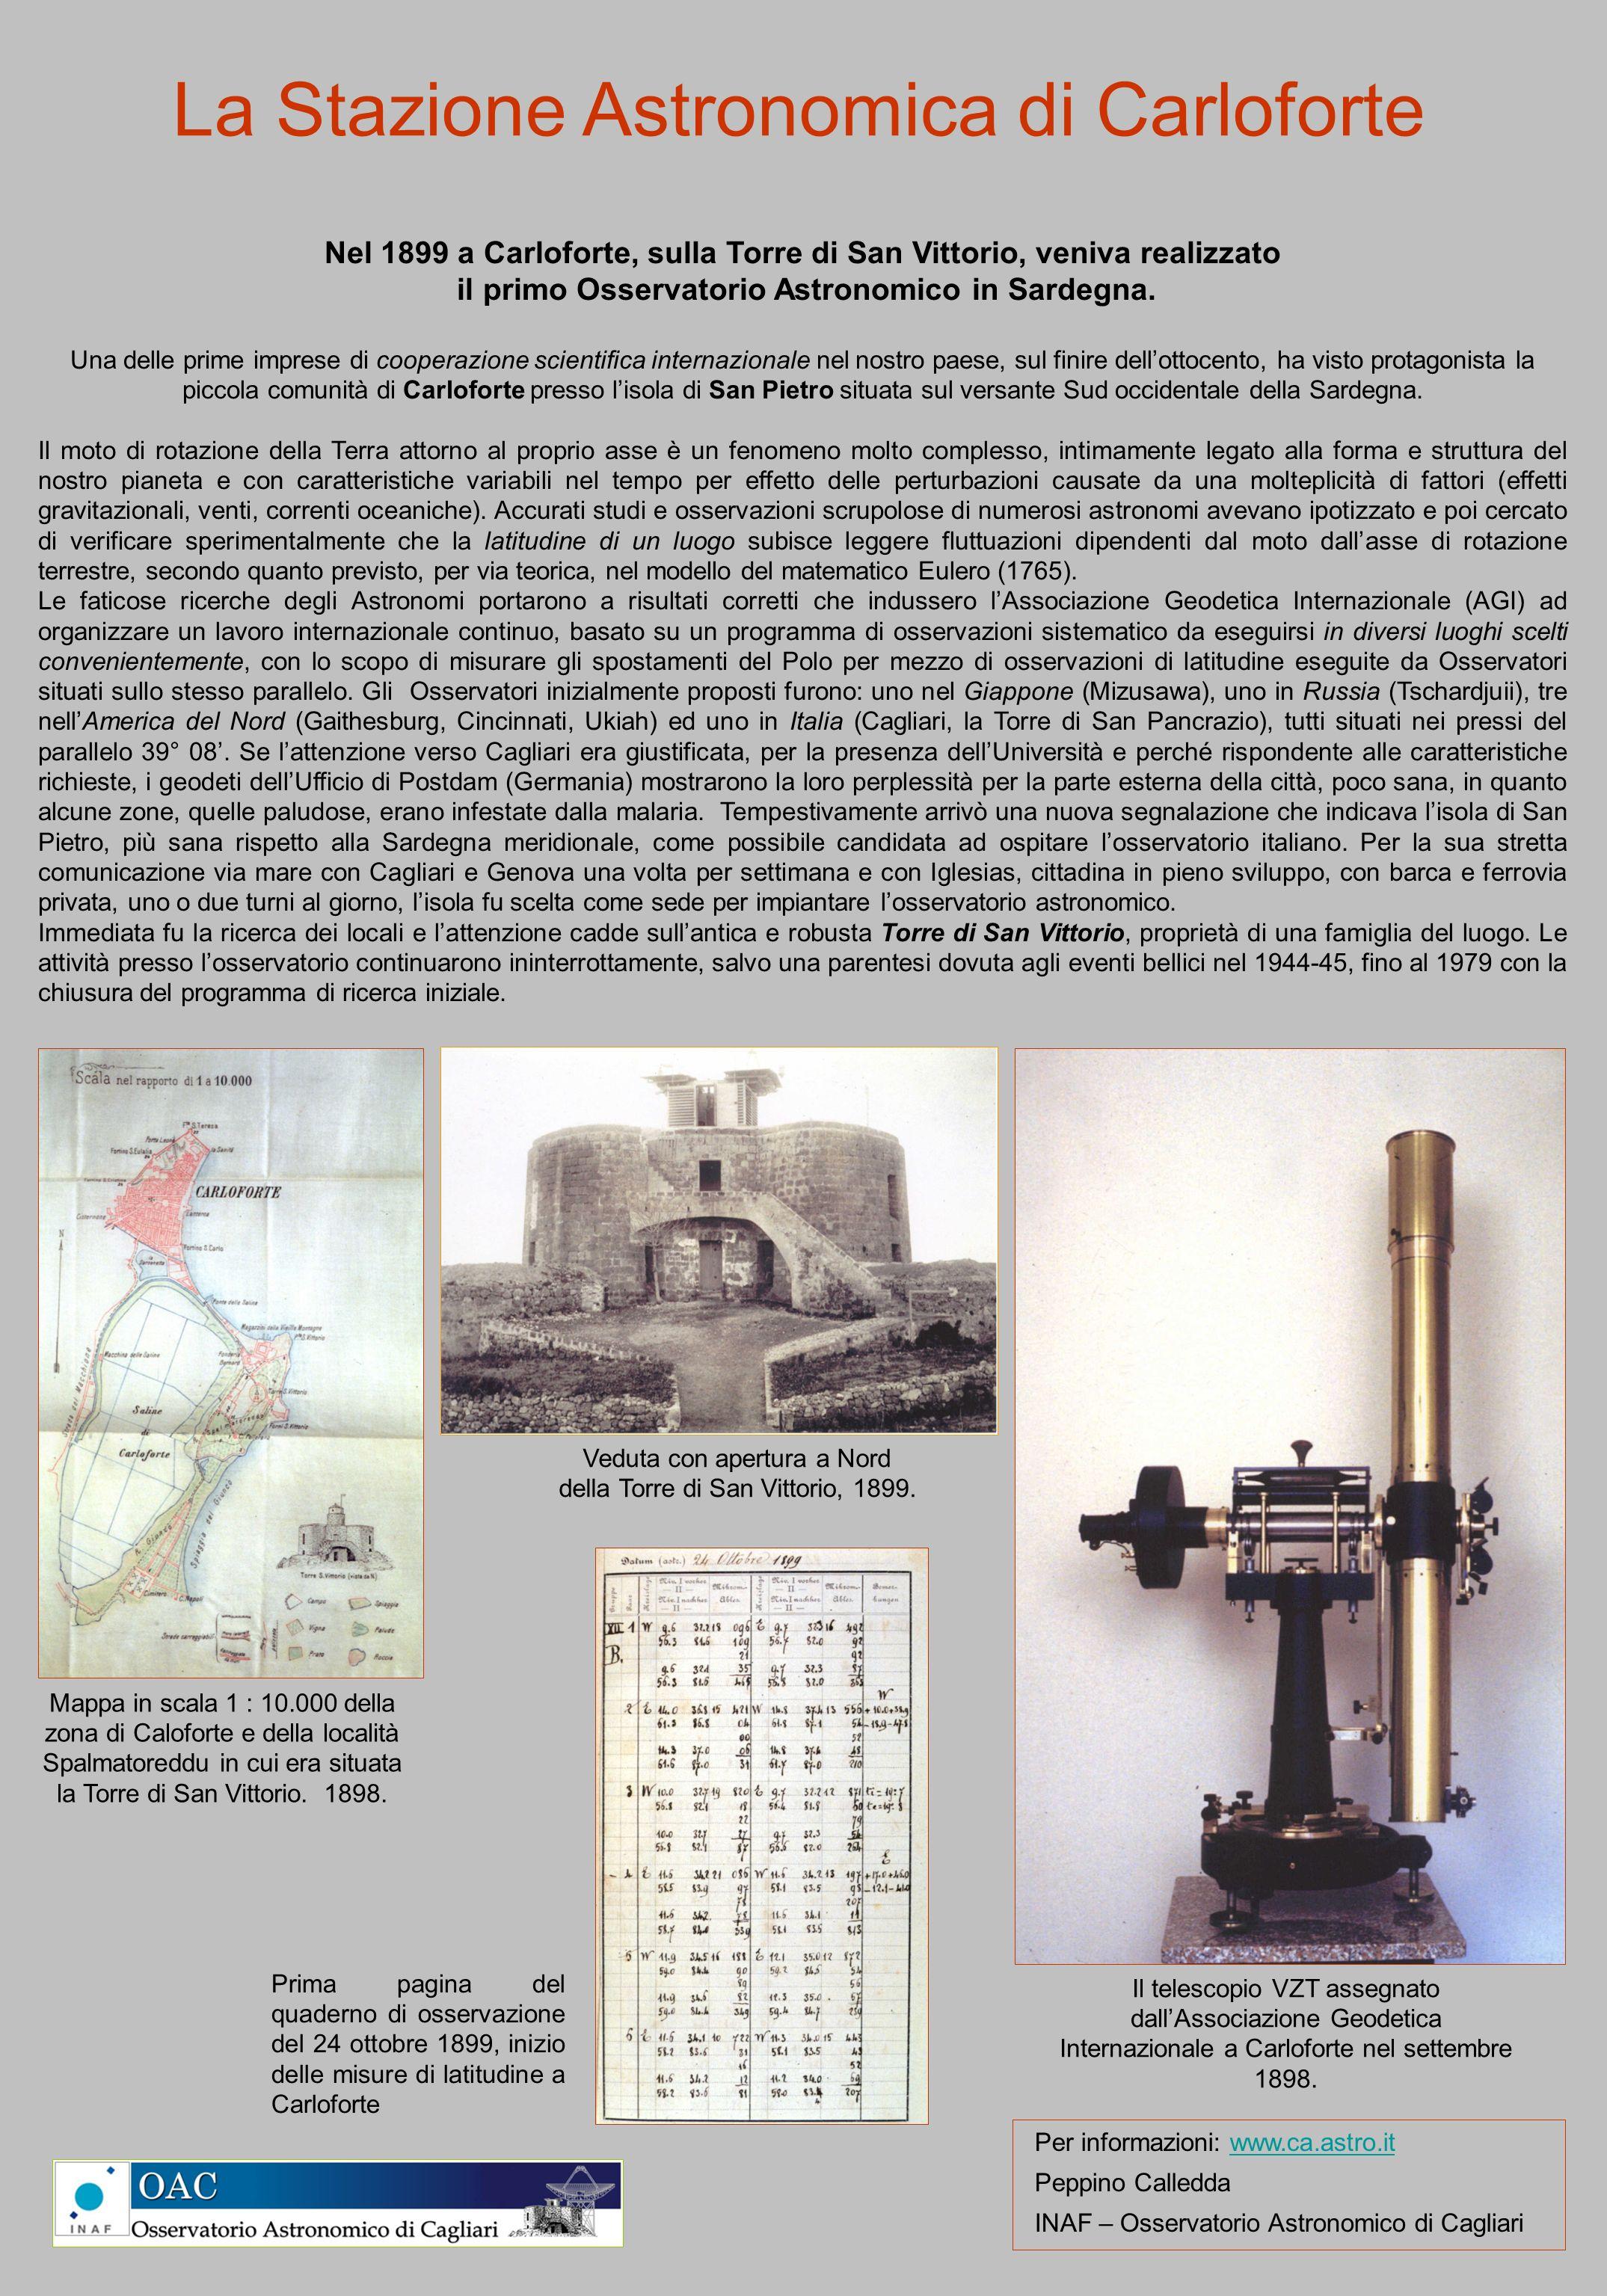 La Stazione Astronomica di Carloforte Nel 1899 a Carloforte, sulla Torre di San Vittorio, veniva realizzato il primo Osservatorio Astronomico in Sarde